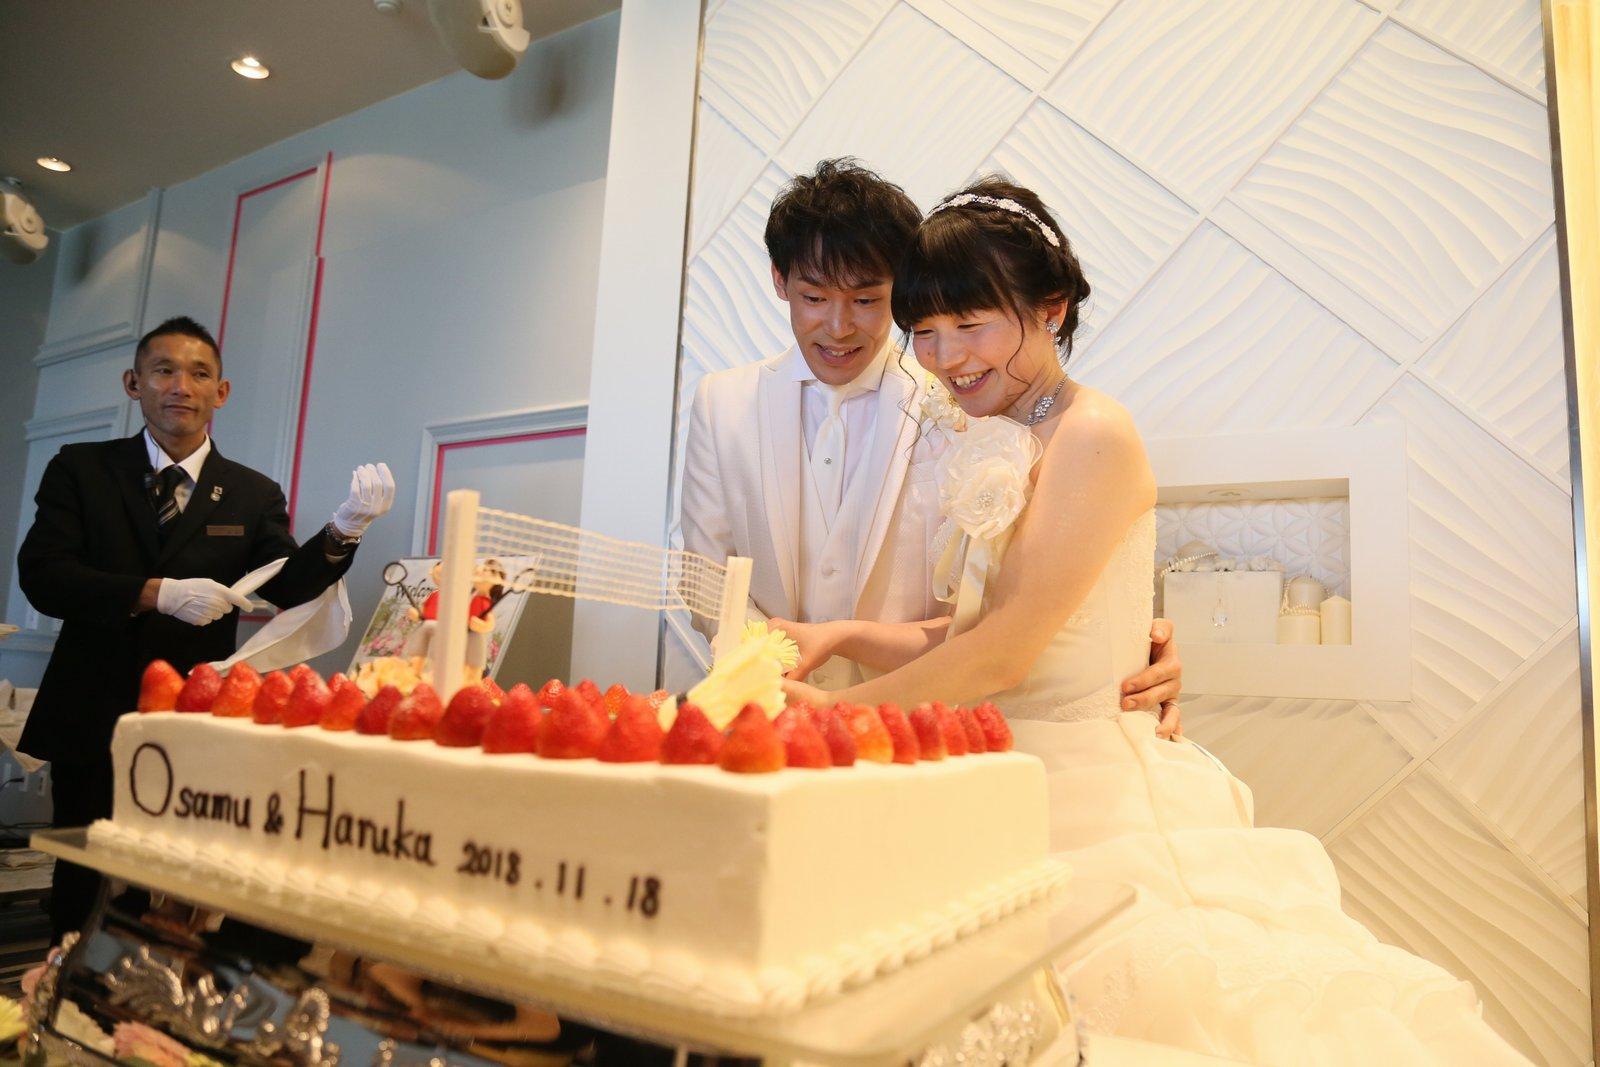 徳島市の結婚式場ブランアンジュで披露宴での新郎新婦様のウエディングケーキ入刀シーン